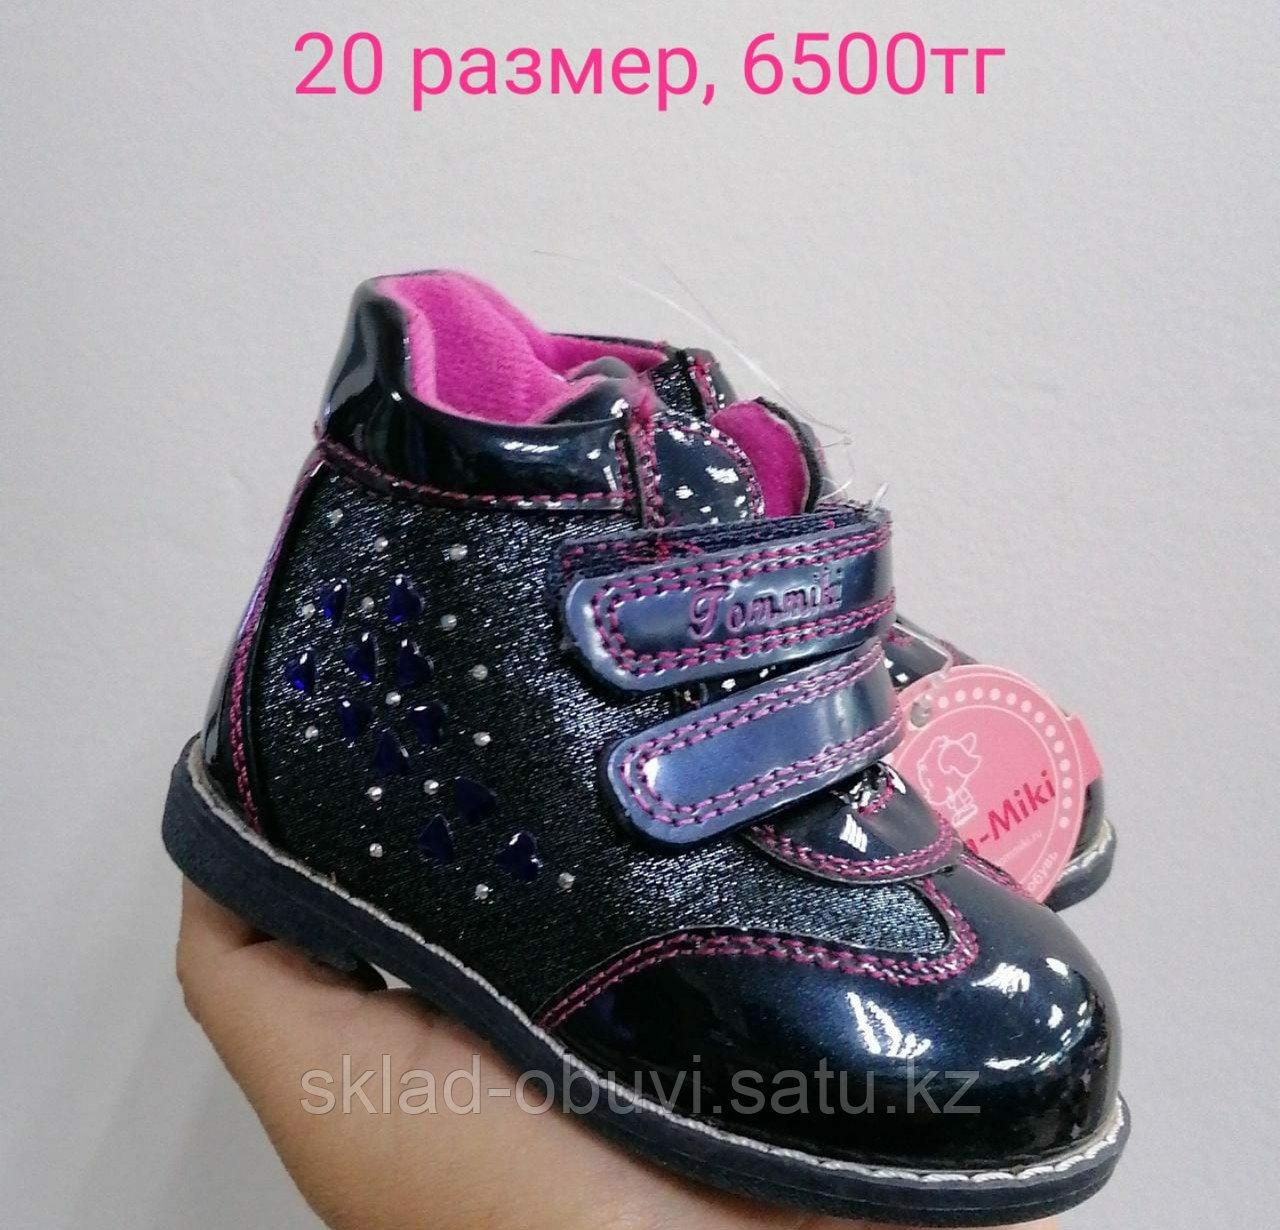 Кожаные ортопедические детские ботиночки. Распродажа со склада мелким оптом. - фото 6